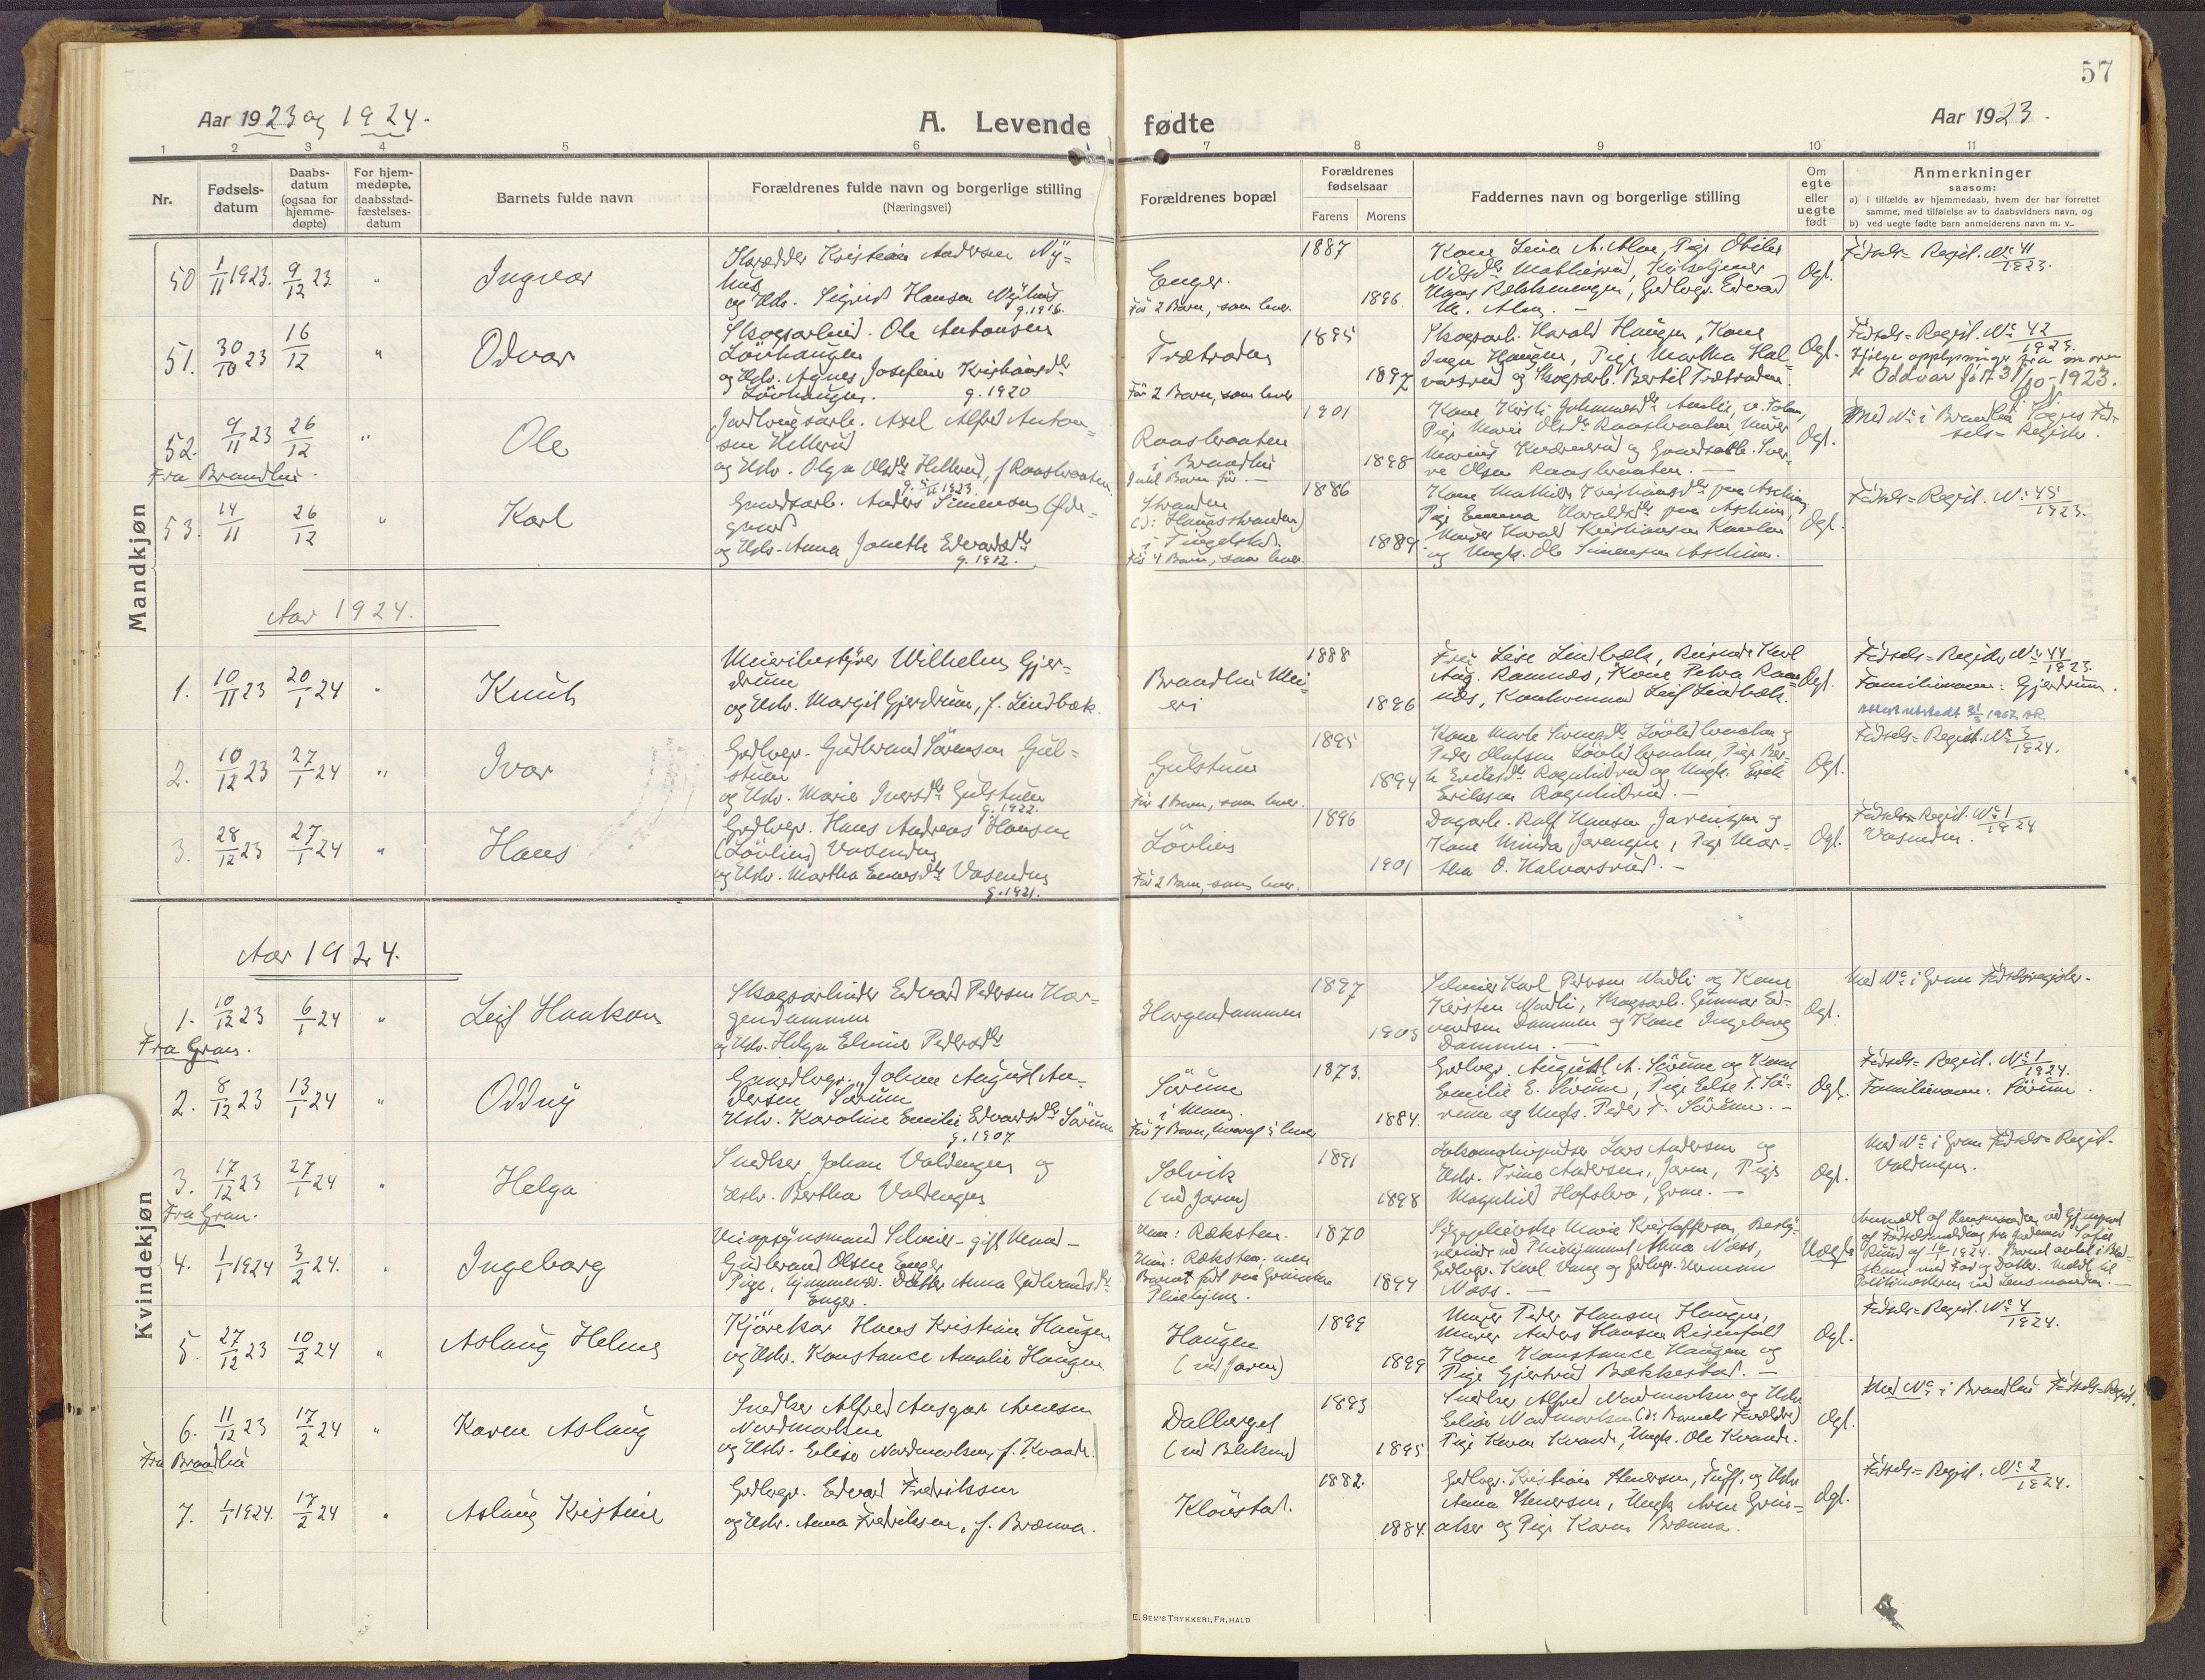 SAH, Brandbu prestekontor, Ministerialbok nr. 3, 1914-1928, s. 57